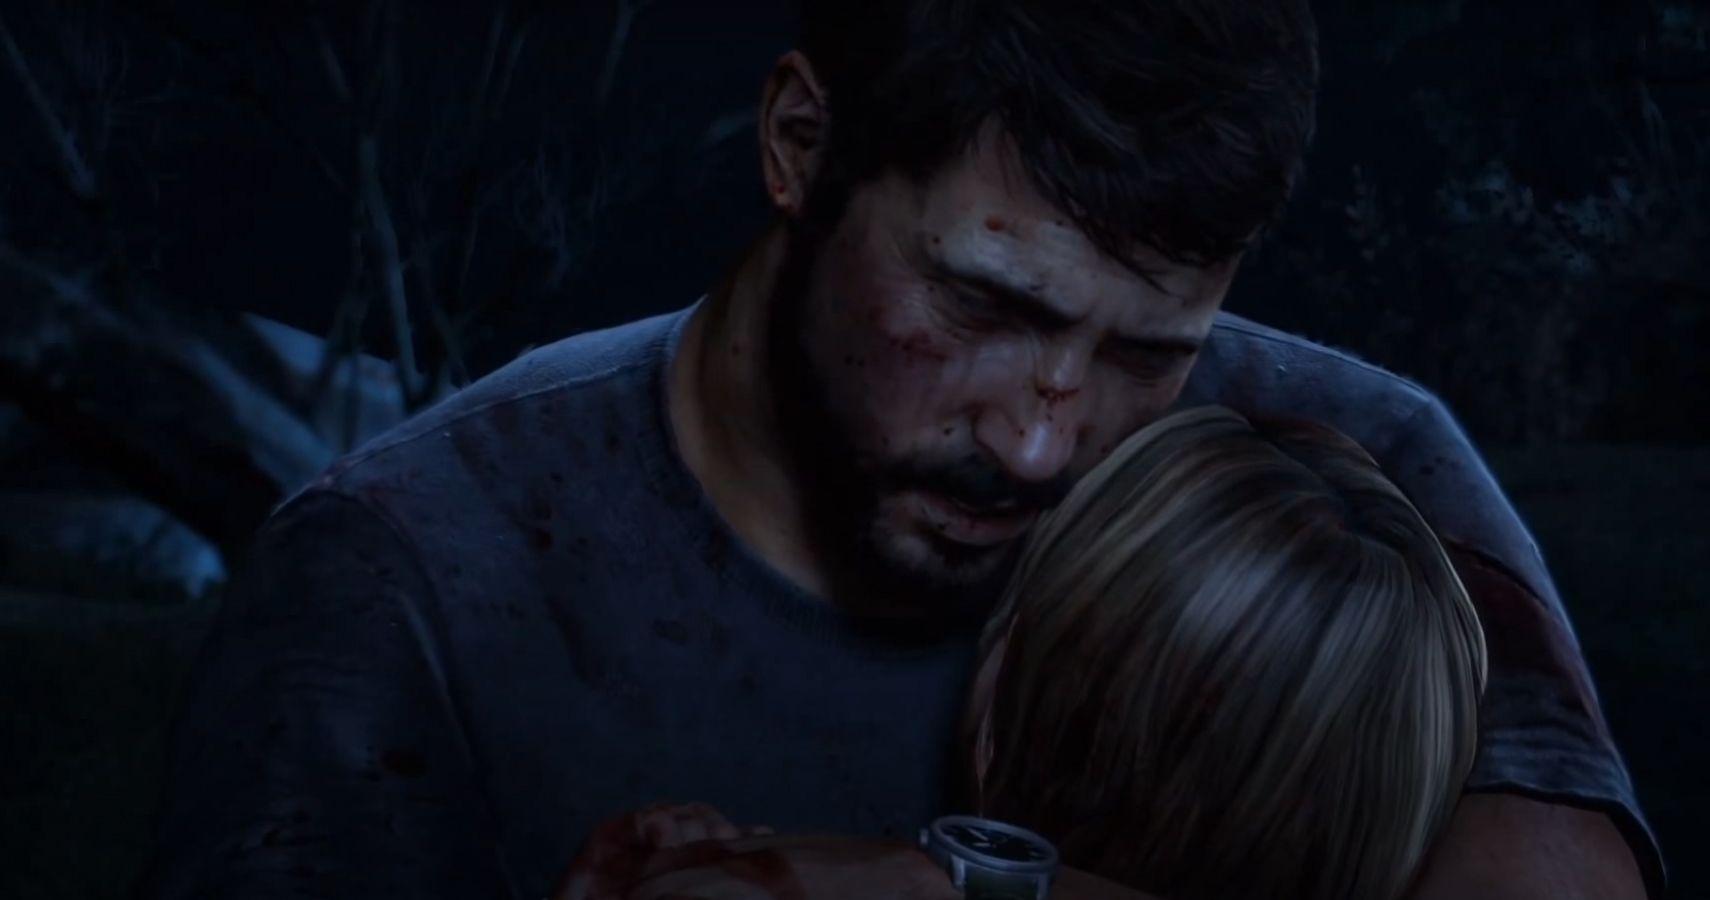 غمانگیزترین لحظات بازیهای ویدیویی که هر انسانی را به گریه میاندازد!